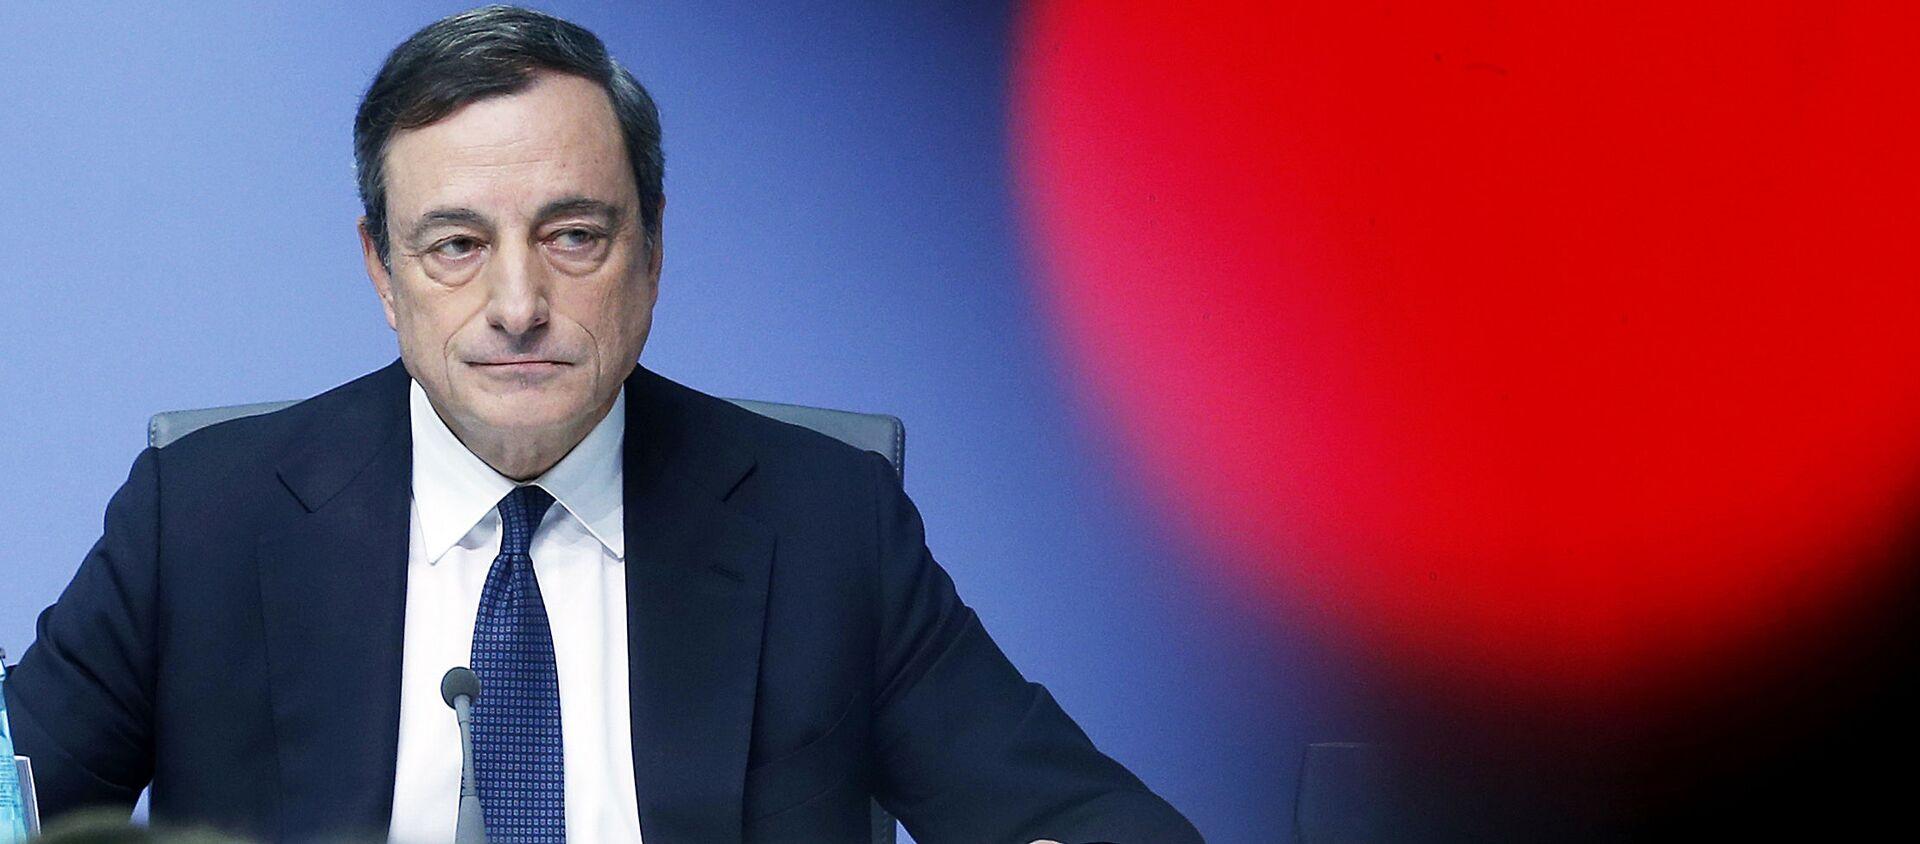 Prezes Europejskiego Banku Centralnego Mario Draghi - Sputnik Polska, 1920, 08.04.2021